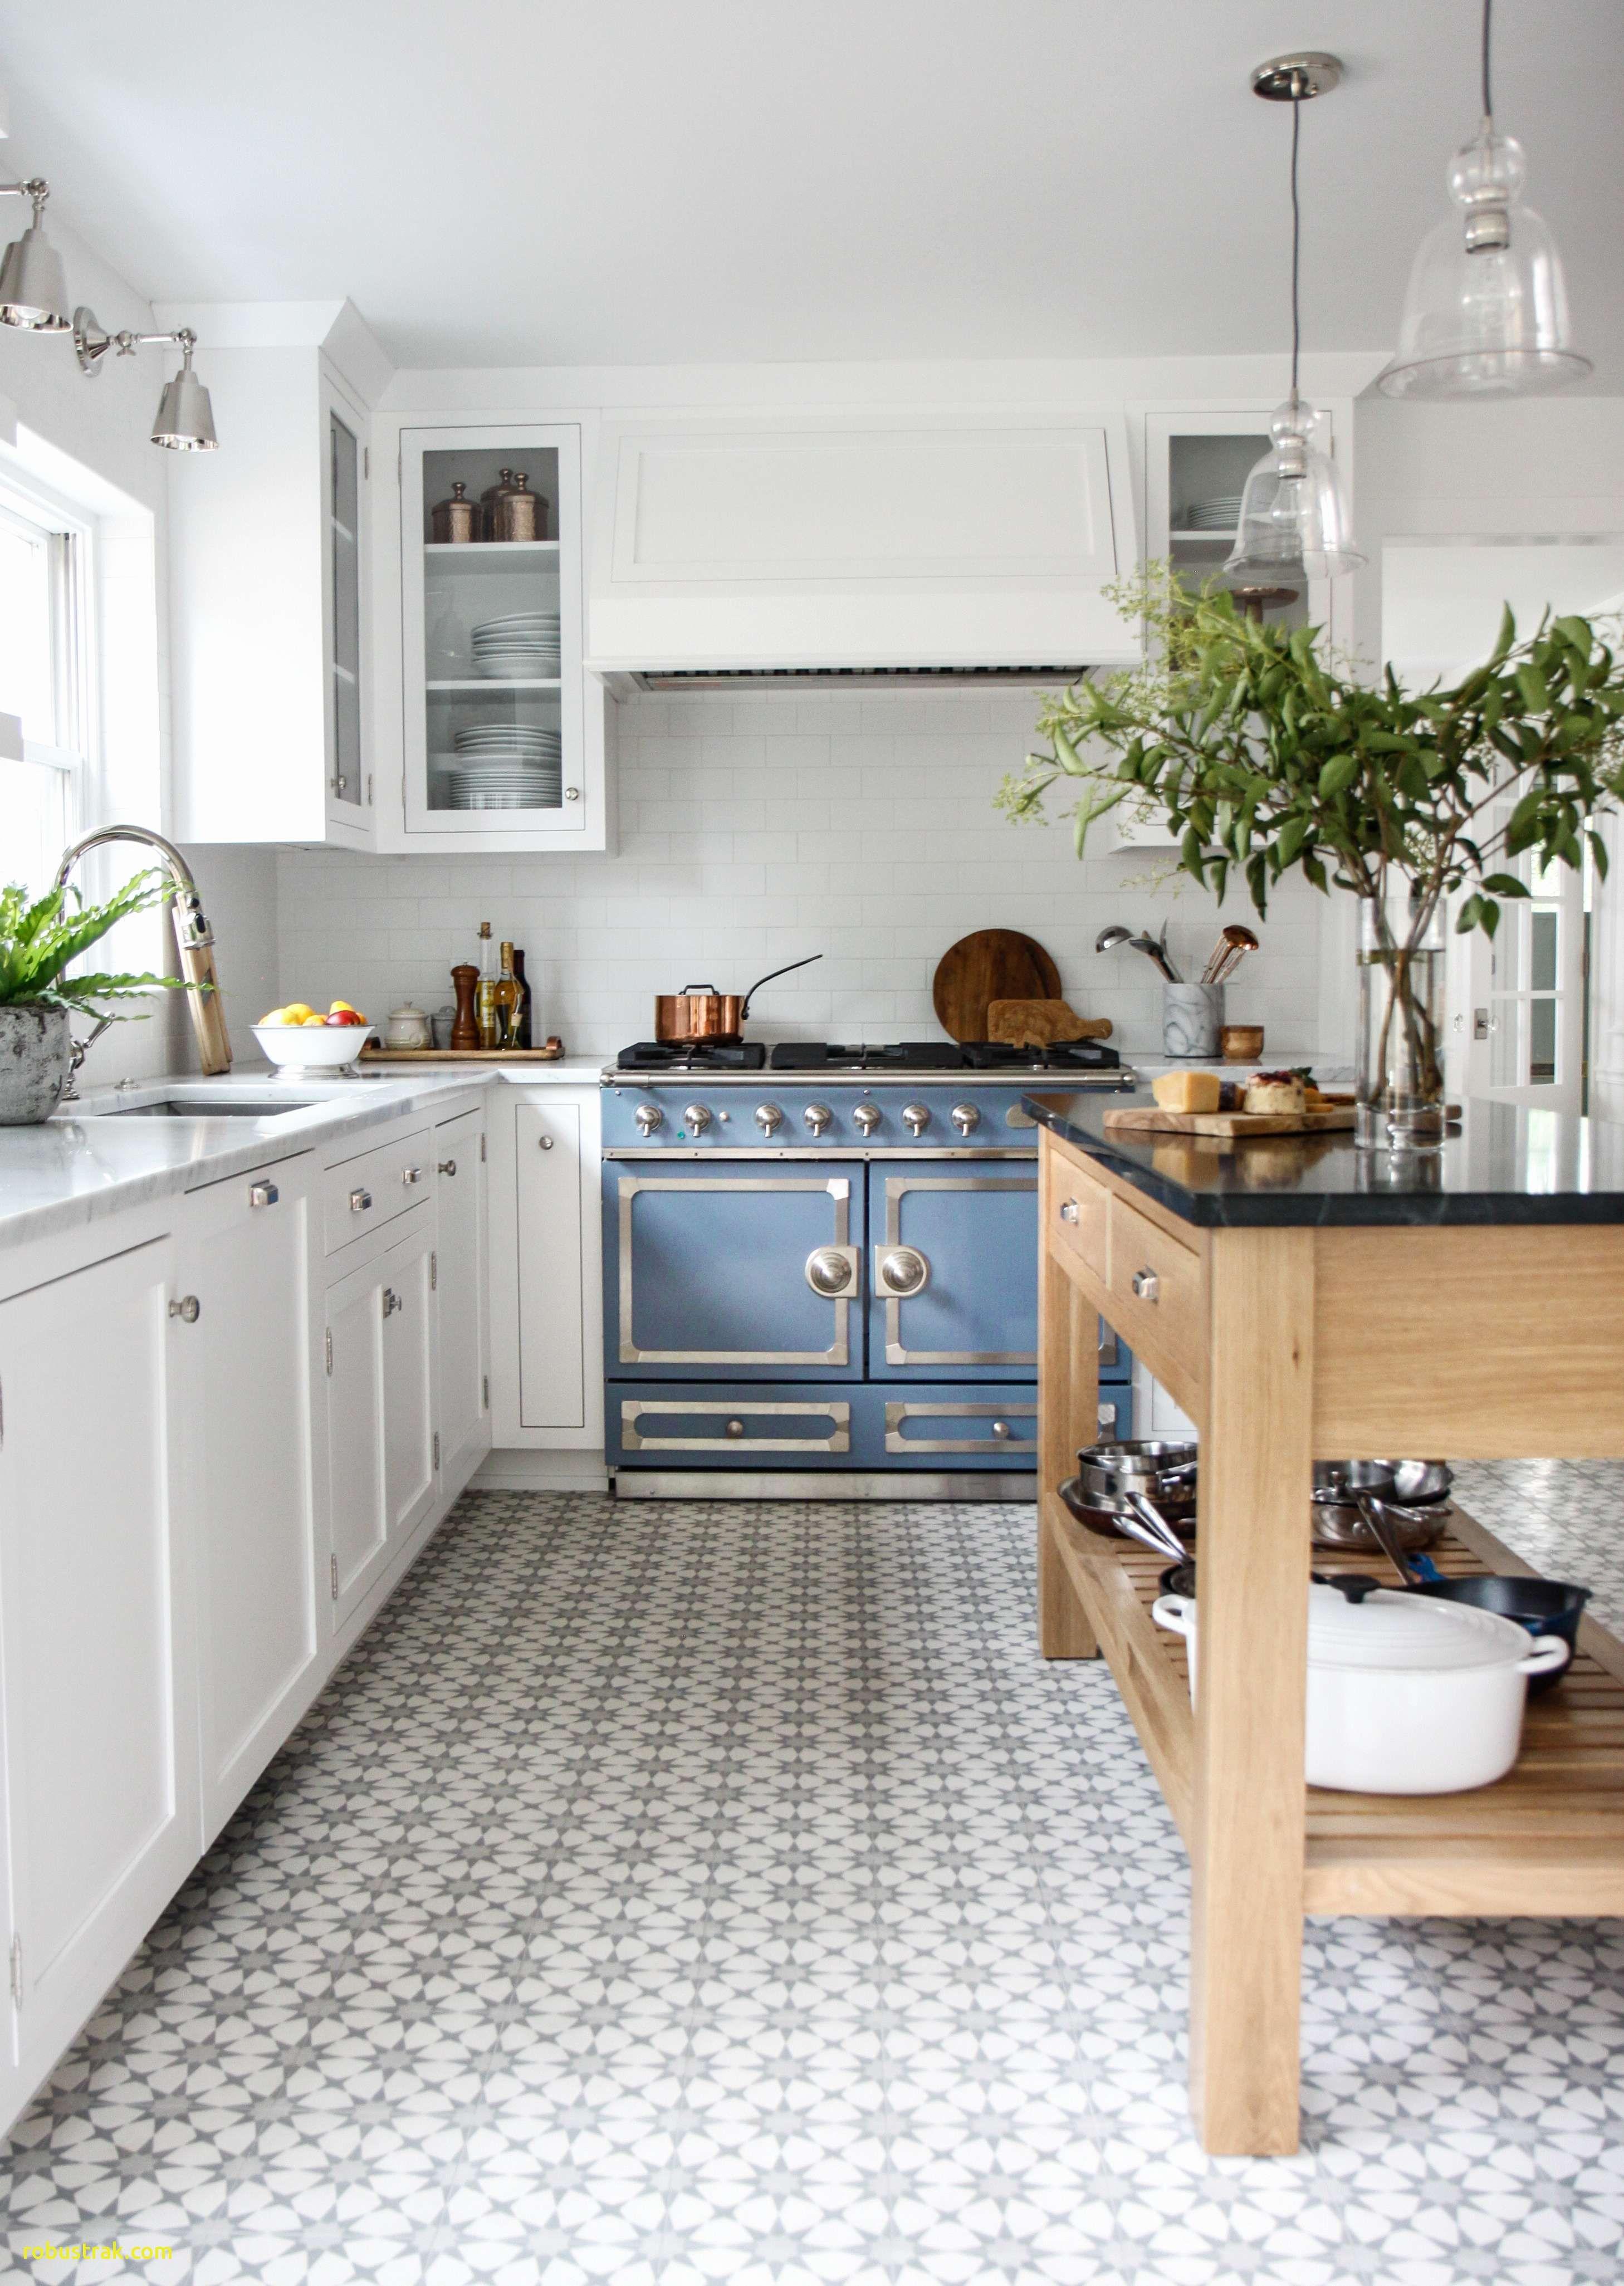 20 White Kitchen Cabinets with Dark Backsplash Photos   Kitchen ...